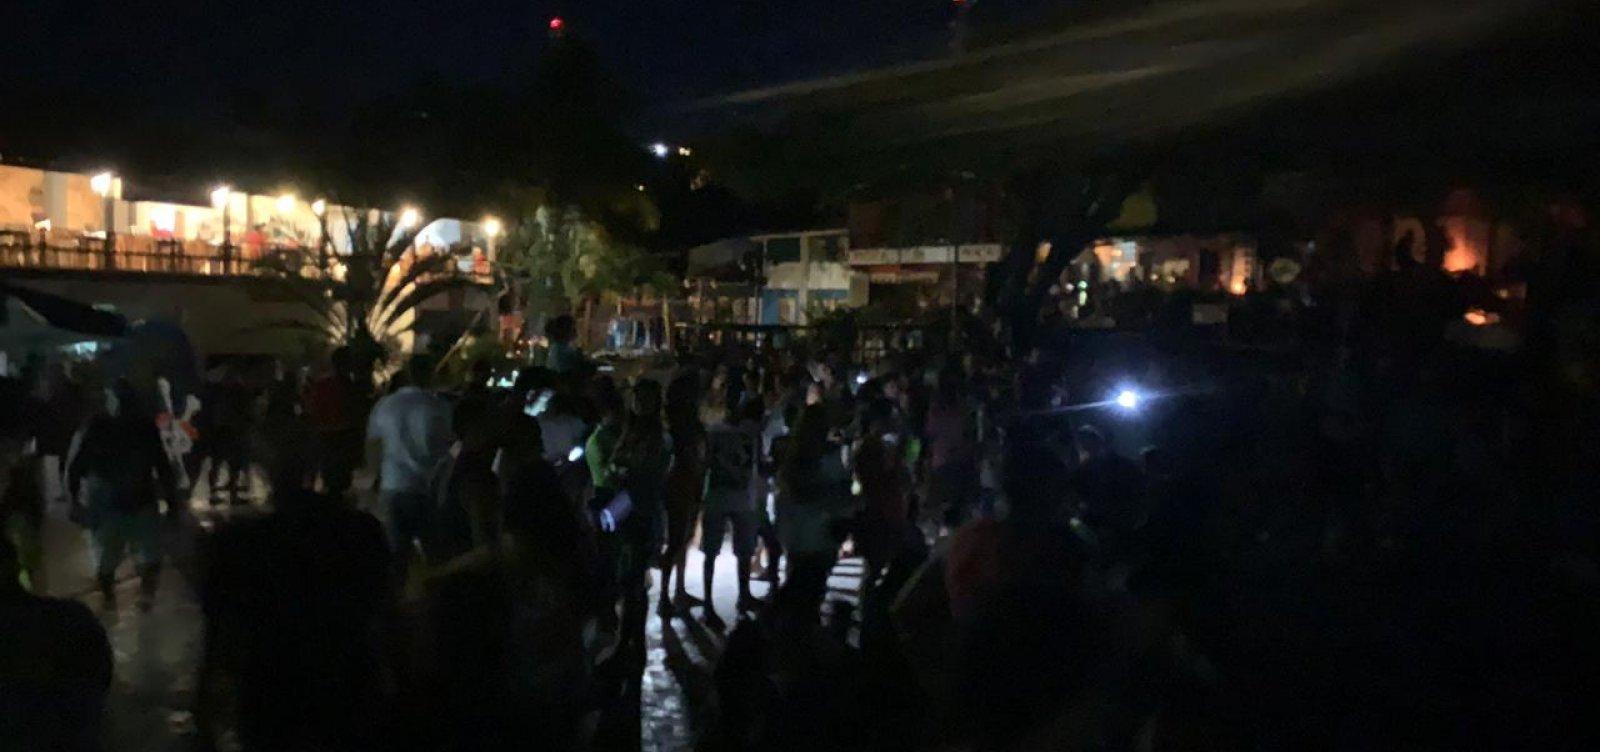 Prefeitura de Cairu ameaça pedir intervenção da Coelba após apagão em ilhas